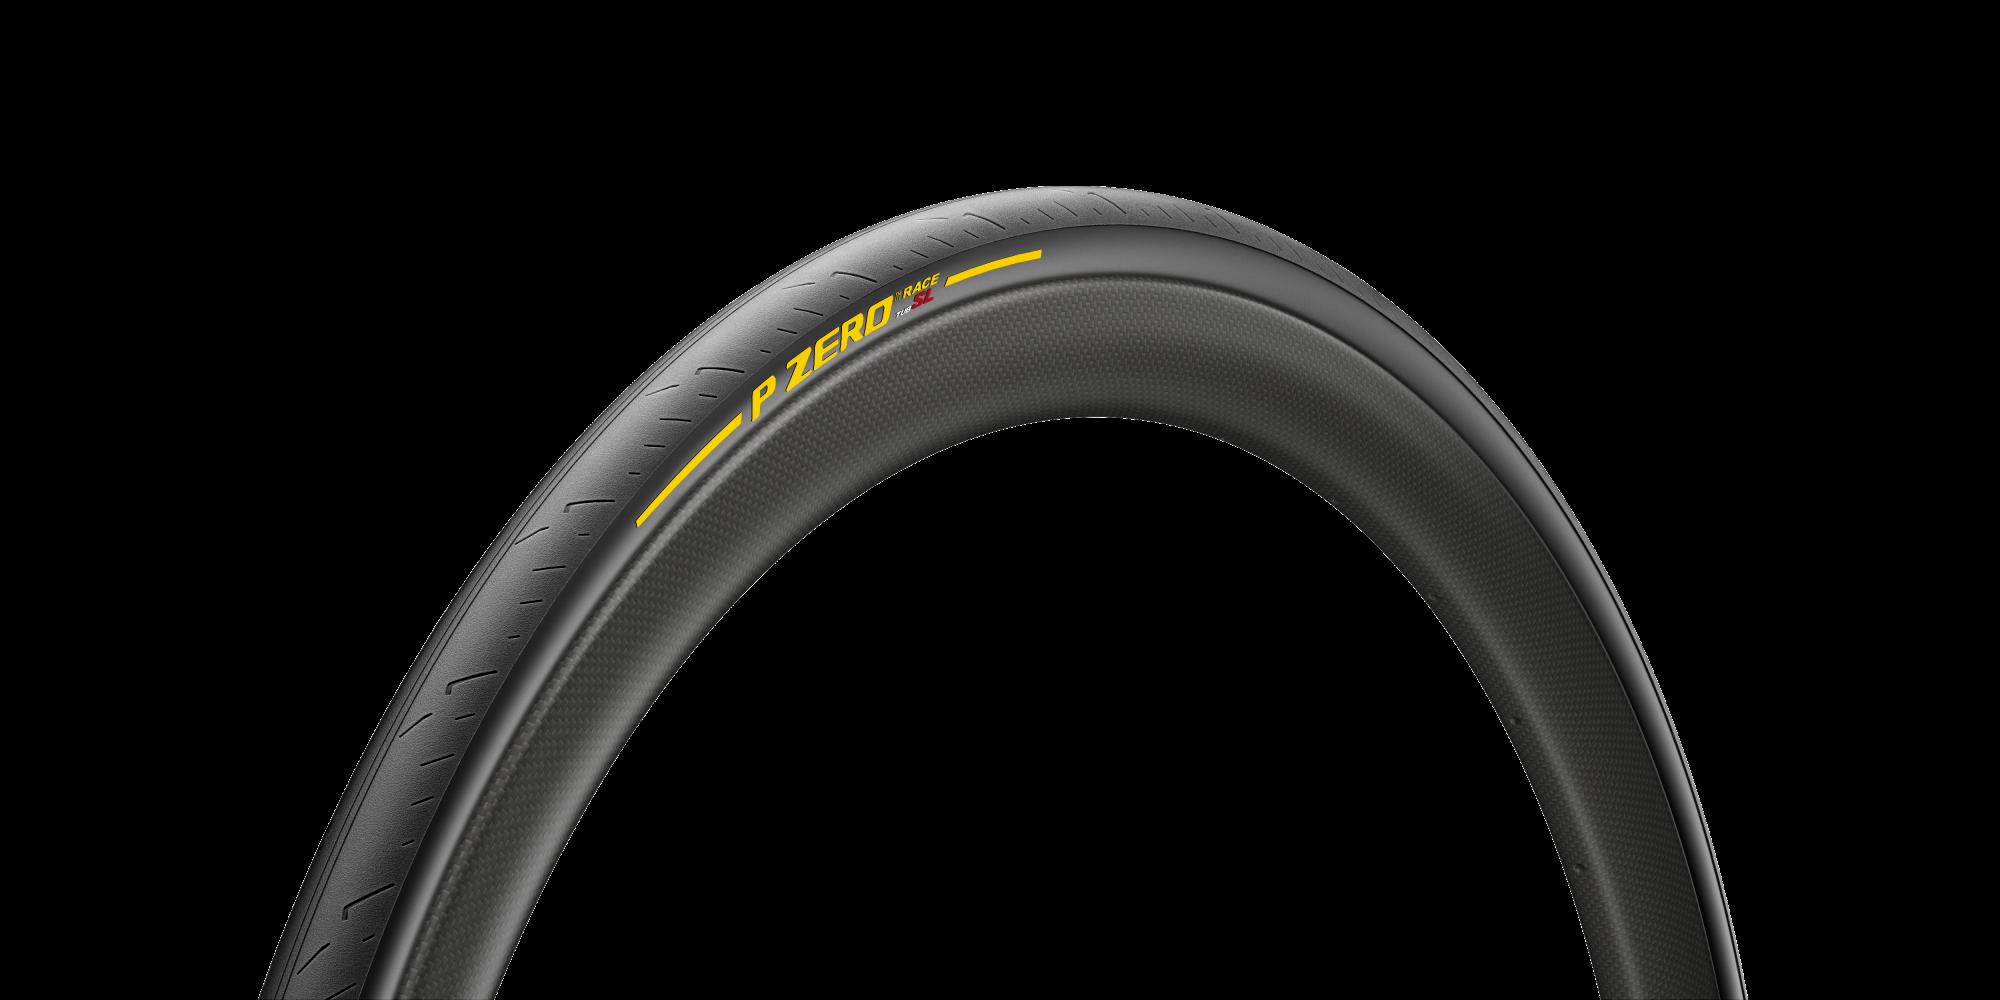 Pirelli alleggerisce il tubolare: al Giro arriva P ZERO RACE Tub SL